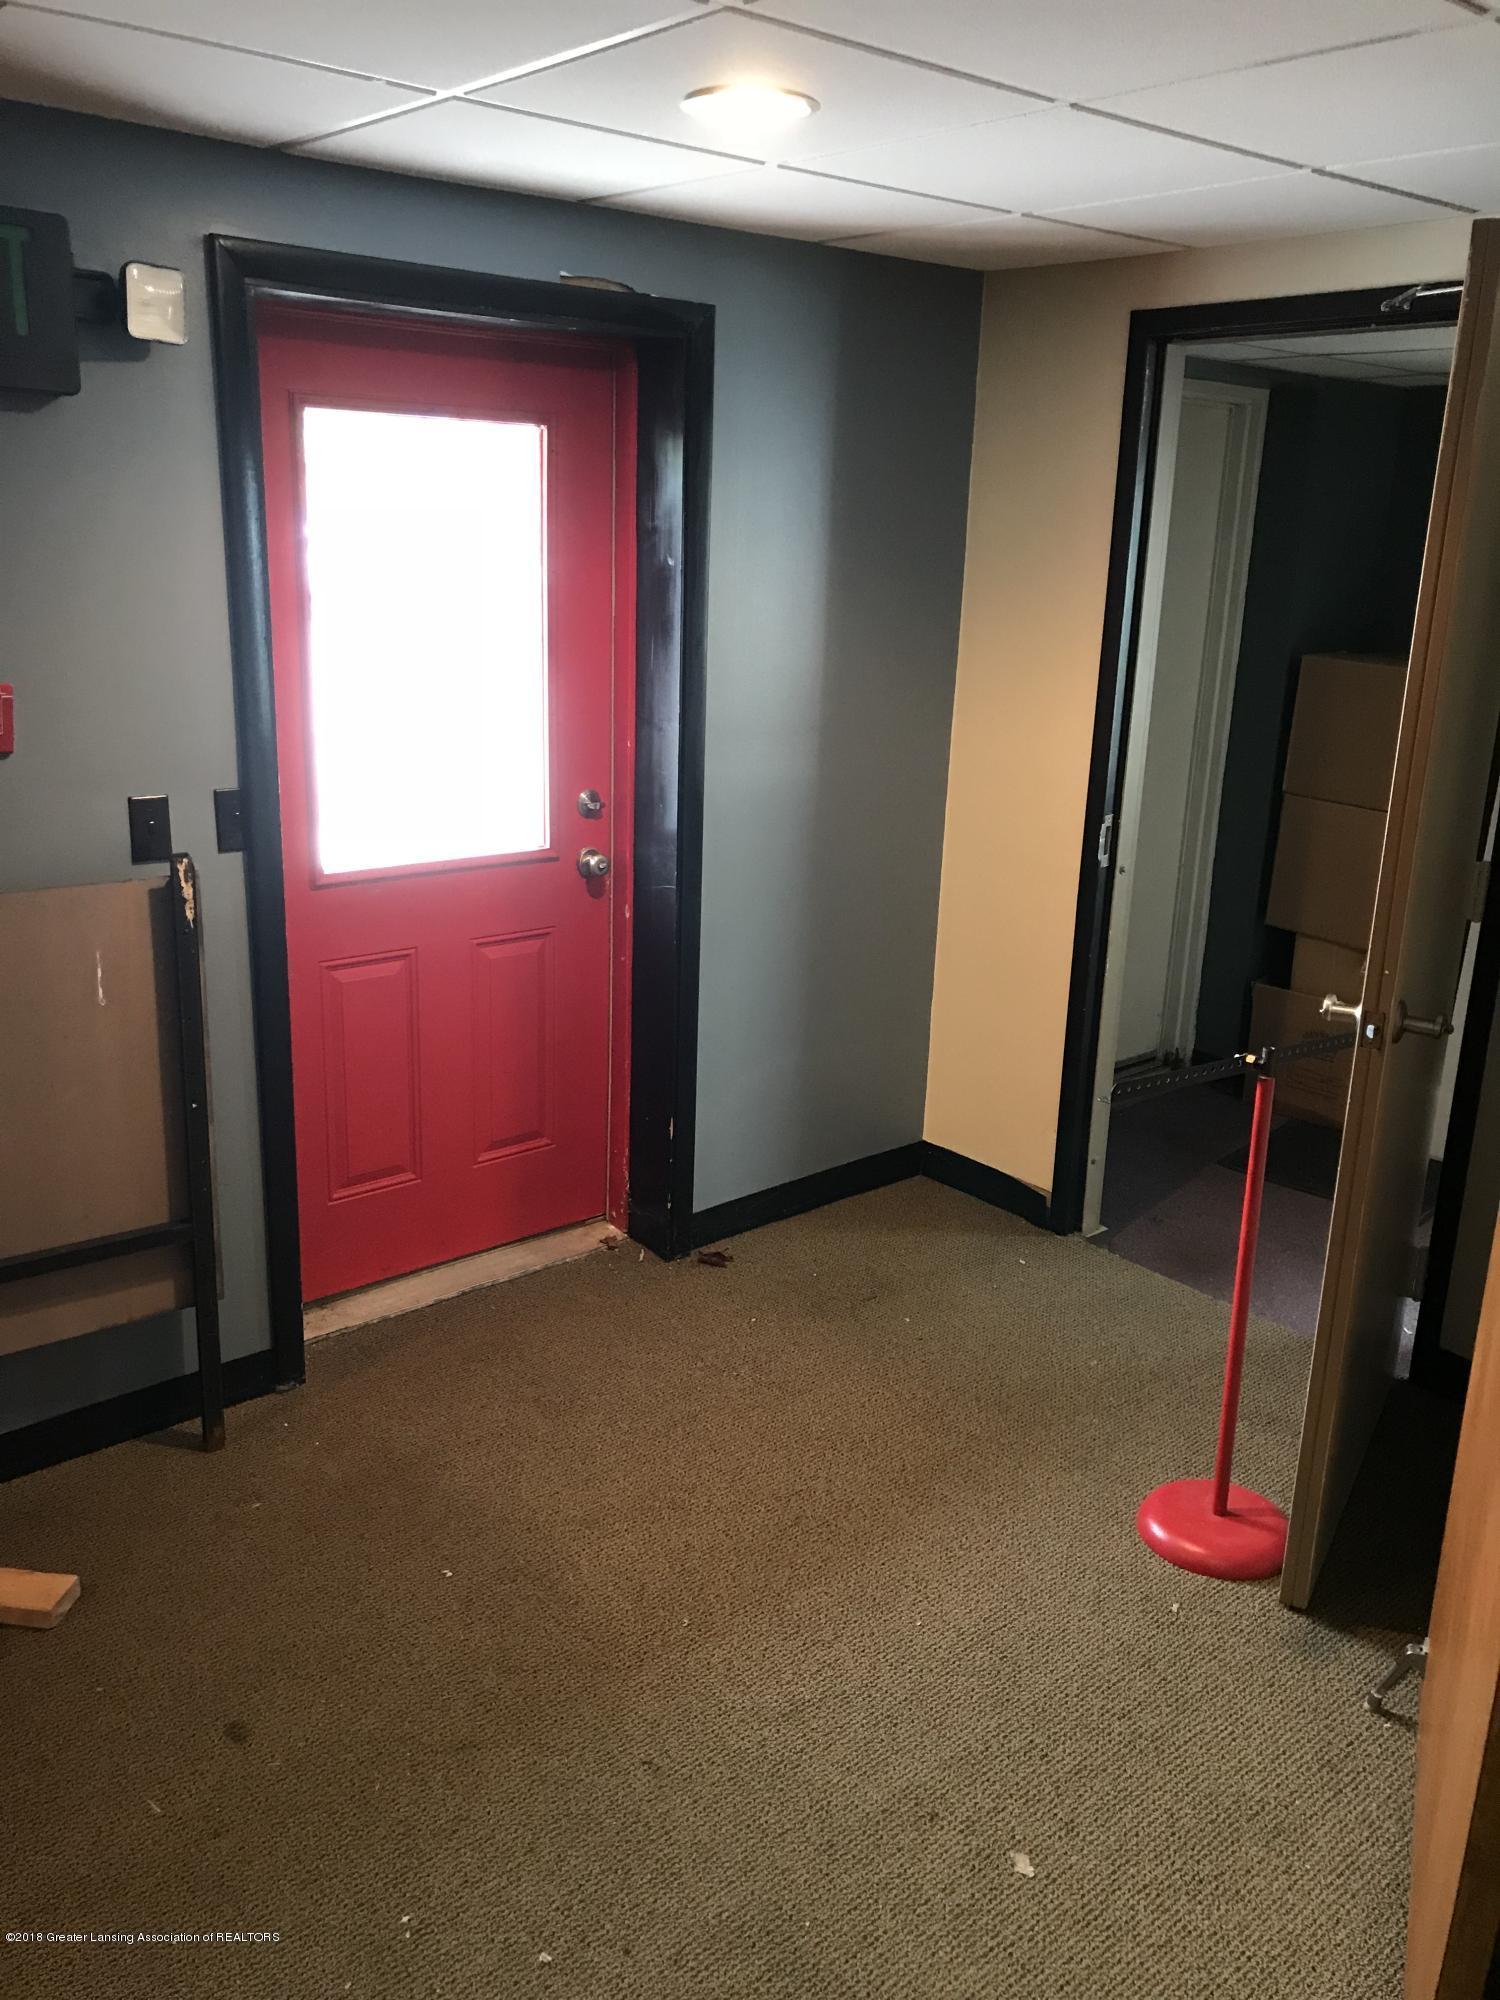 228 S Cochran Ave - 22 Rear Entry Door - 23